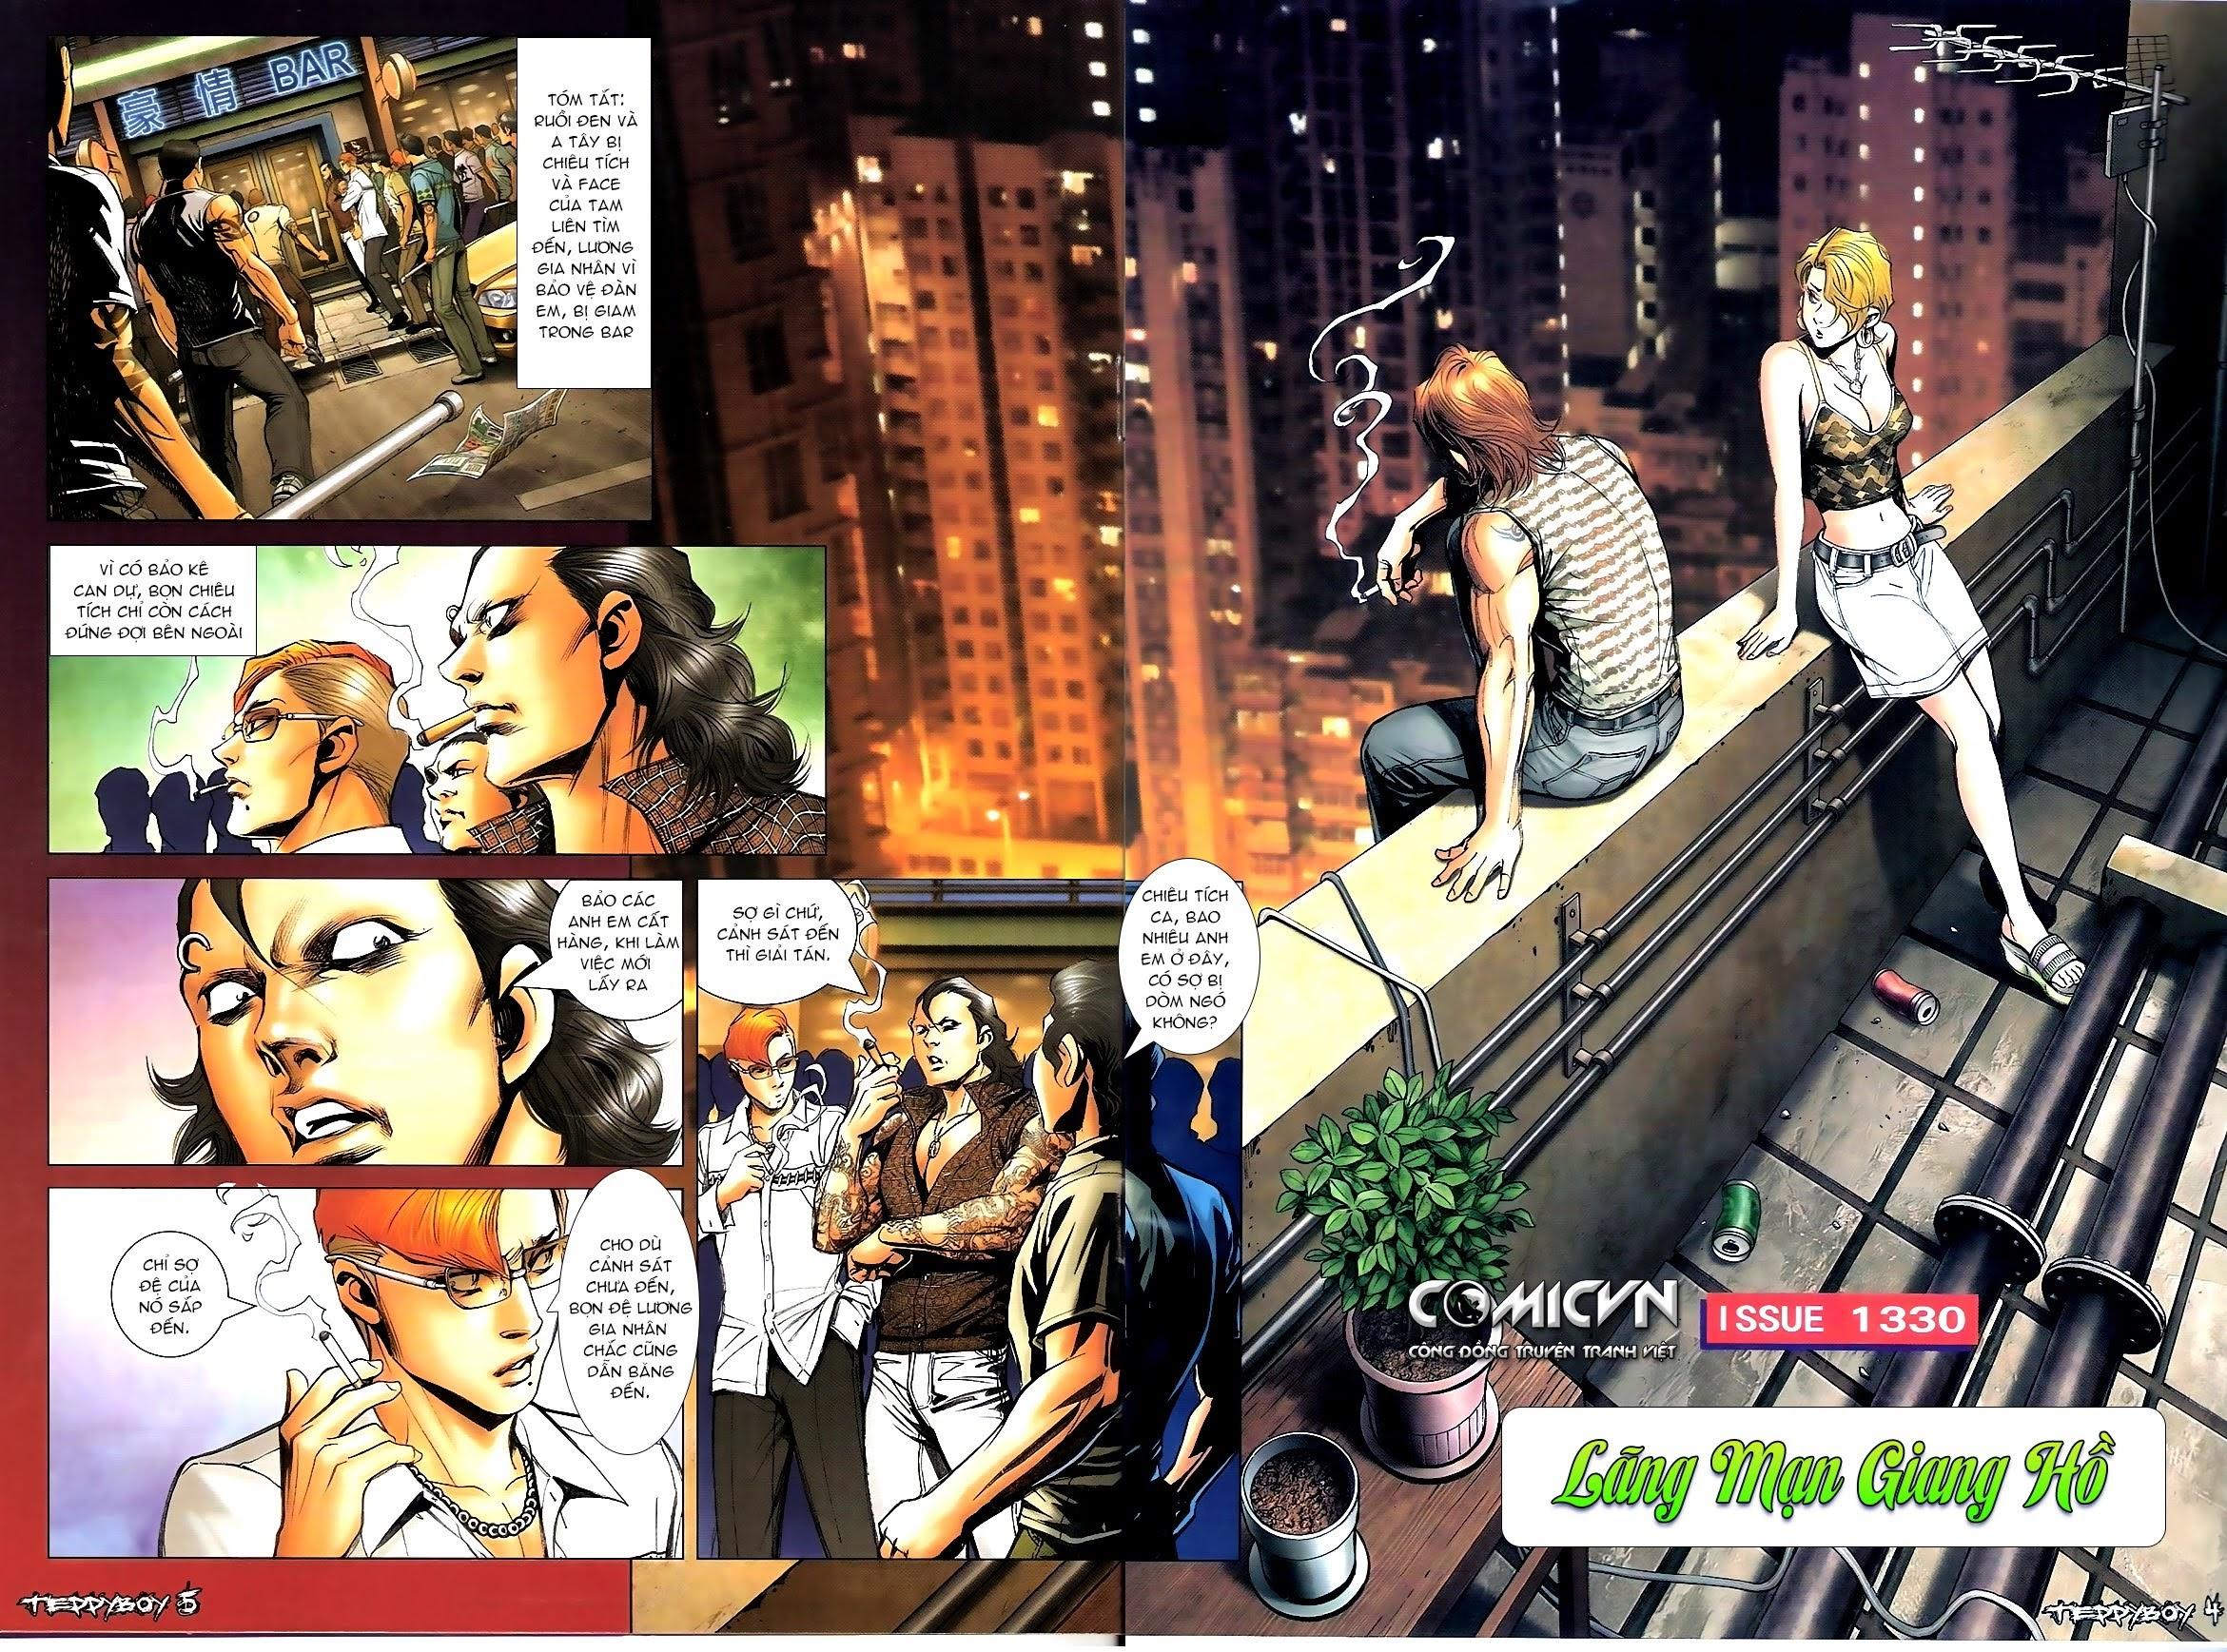 Người Trong Giang Hồ - Chapter 1330: Lãng mạn giang hồ - Pic 2